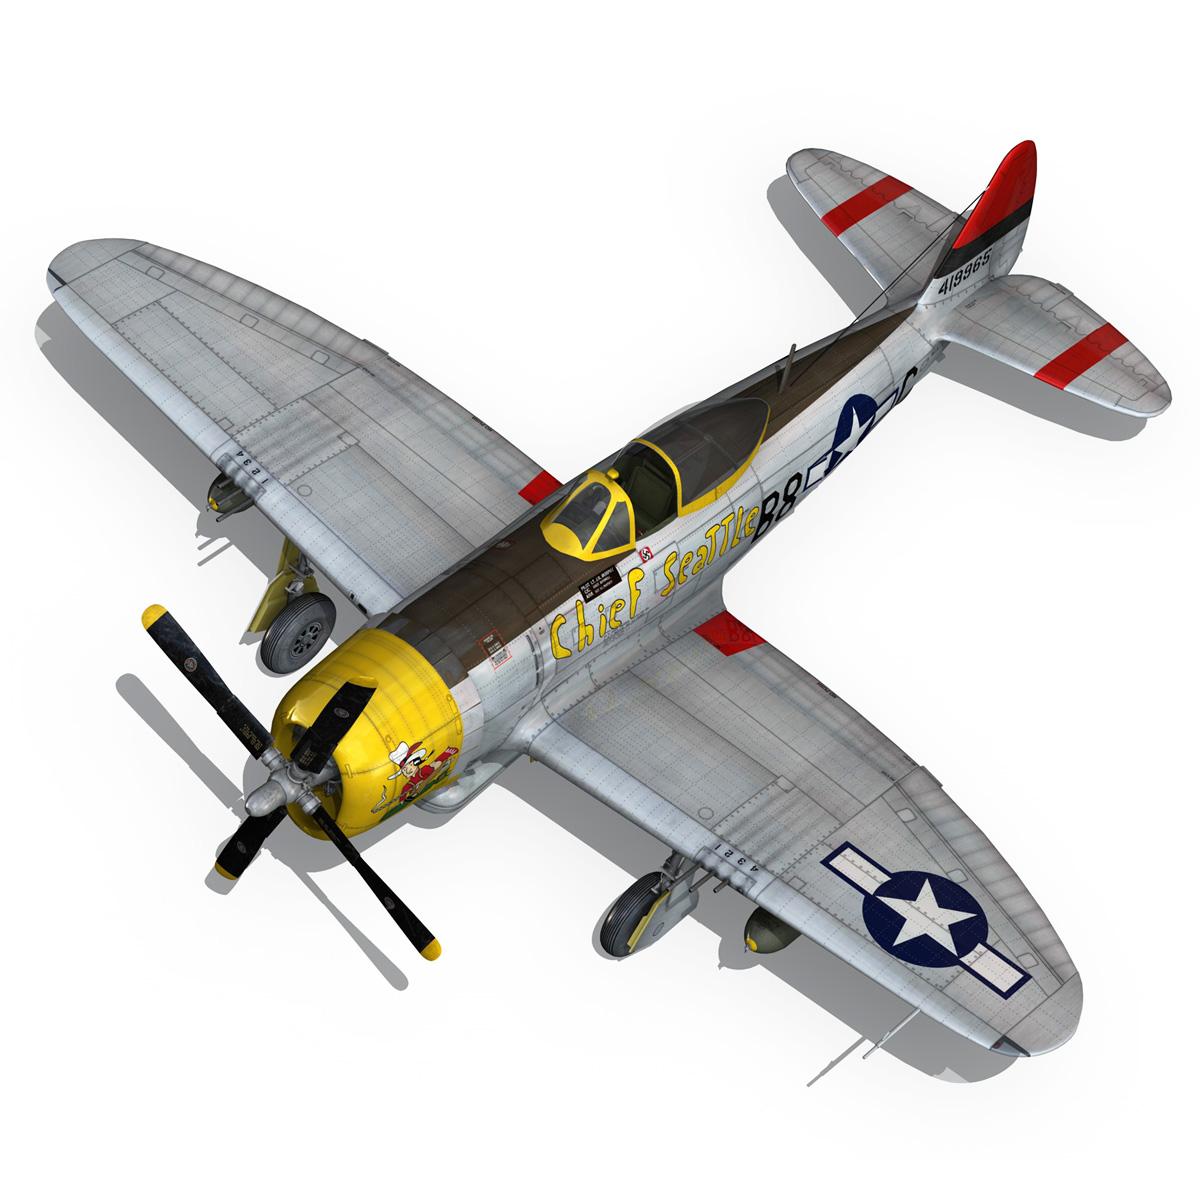 republic p-47d thunderbolt – chief seattle 3d model fbx c4d lwo obj 268215